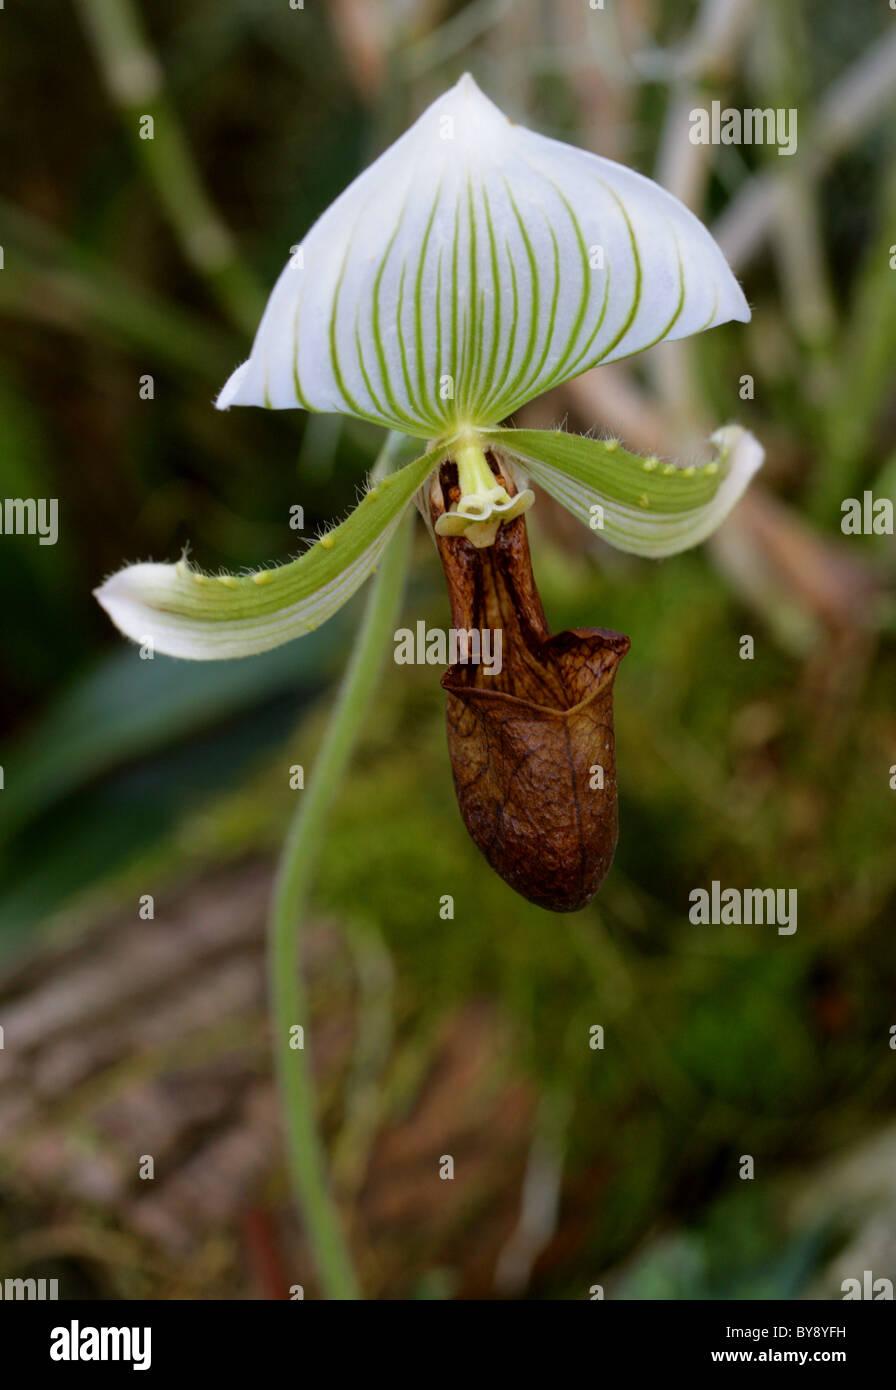 Orchid, Paphiopedilum sp., Orchidaceae - Stock Image